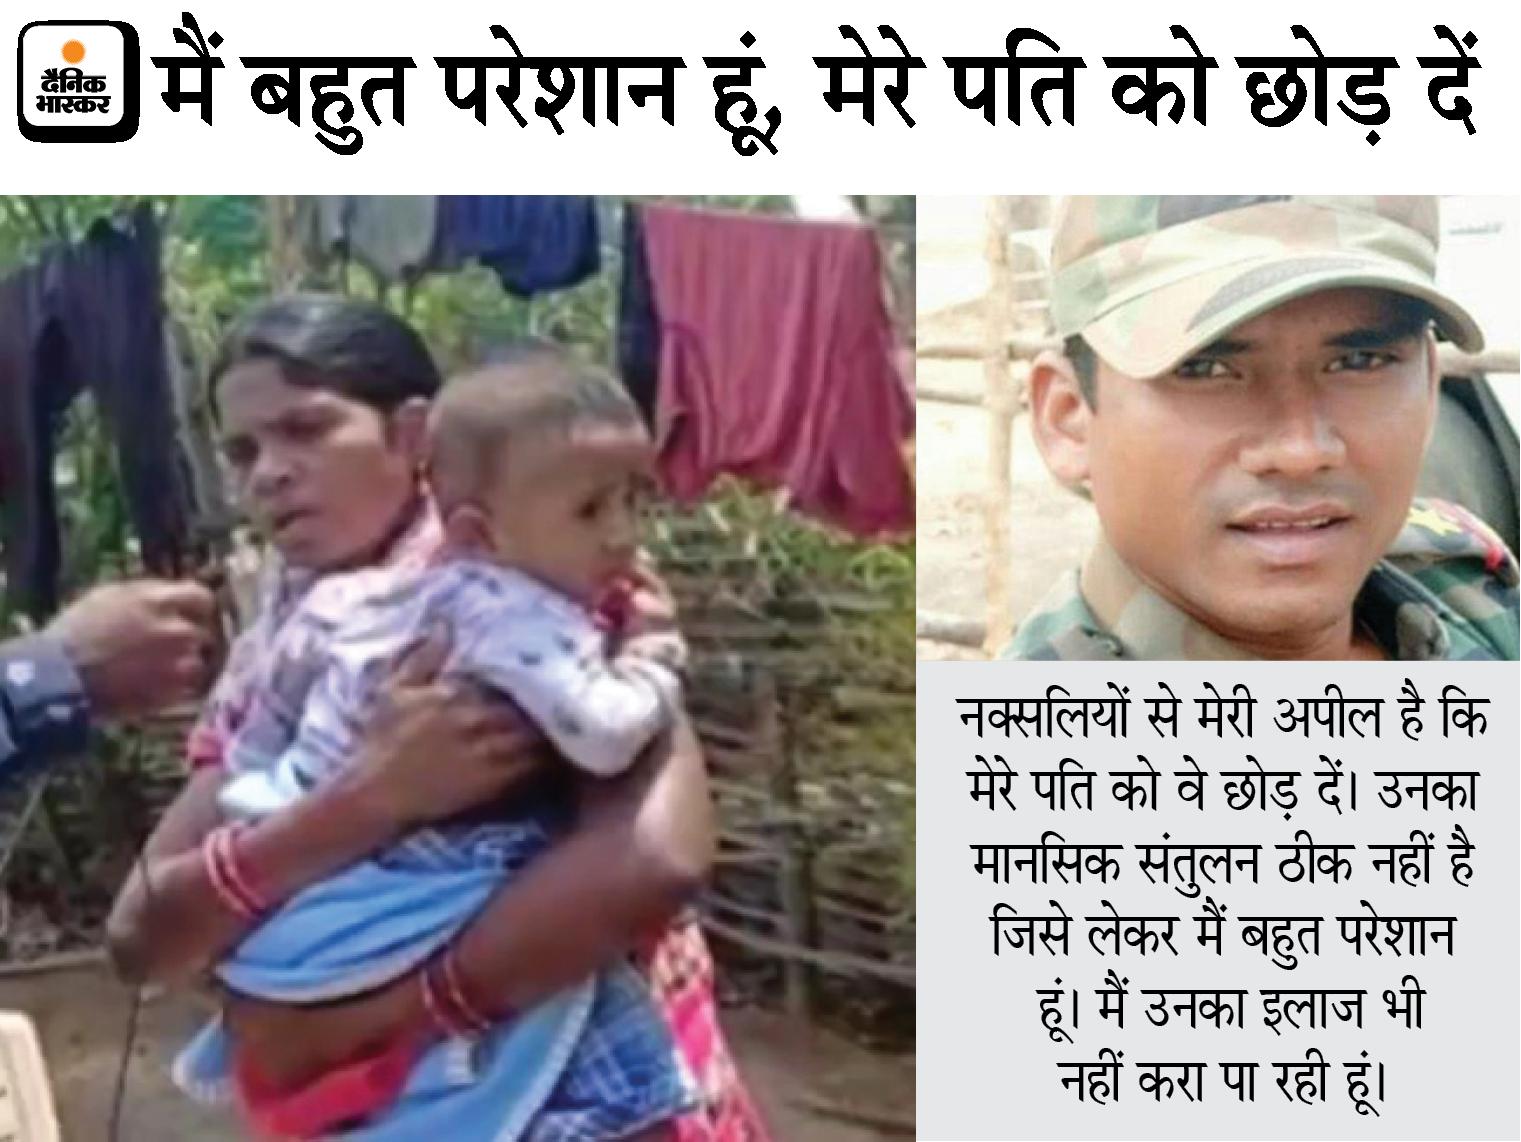 बीजापुर में अगवा SI मुरली ताती की रिहाई के लिए नक्सलियों के पास जाएगा गोंडवाना समाज का प्रतिनिधिमंडल, पत्नी ने भी की है रिहाई की अपील|छत्तीसगढ़,Chhattisgarh - Dainik Bhaskar